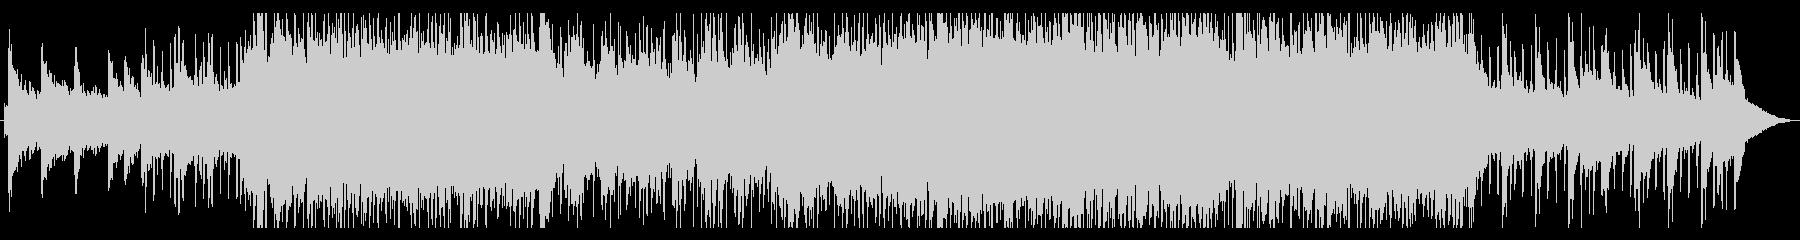 オープニング向き弦楽シューゲイザーポップの未再生の波形